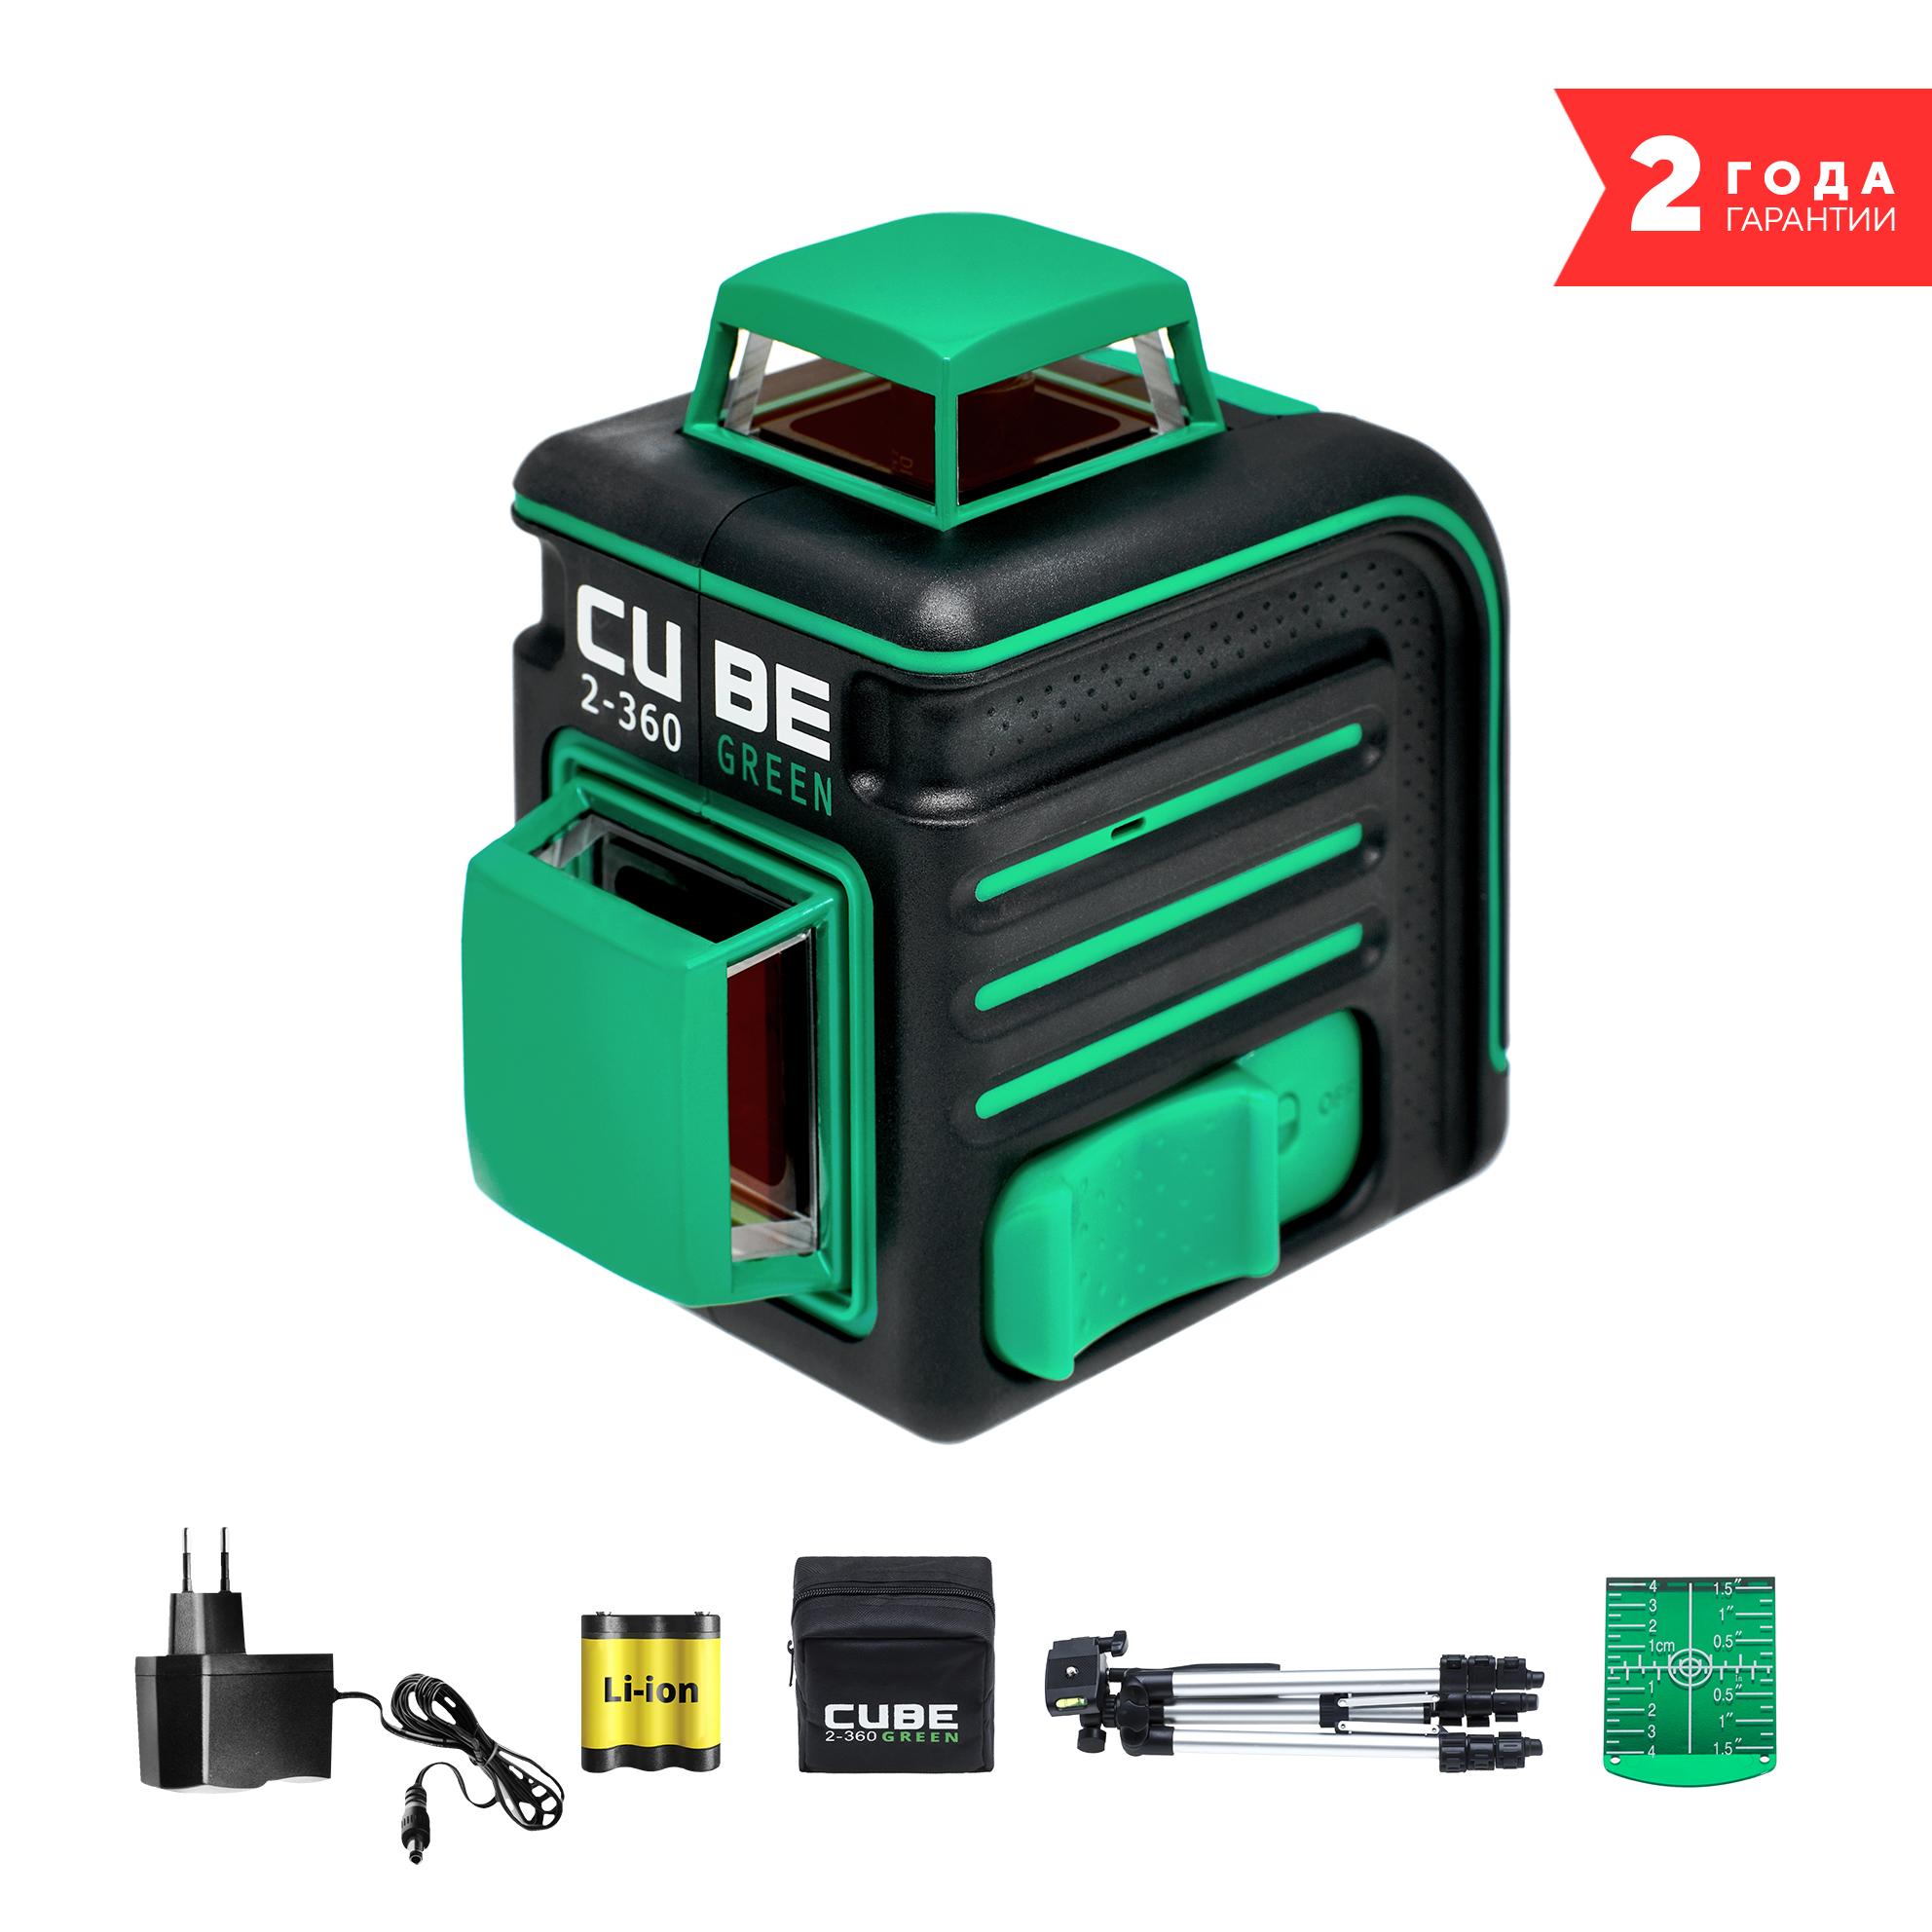 Лазерный нивелир Ada Cube-2-360-Green-Ultimate